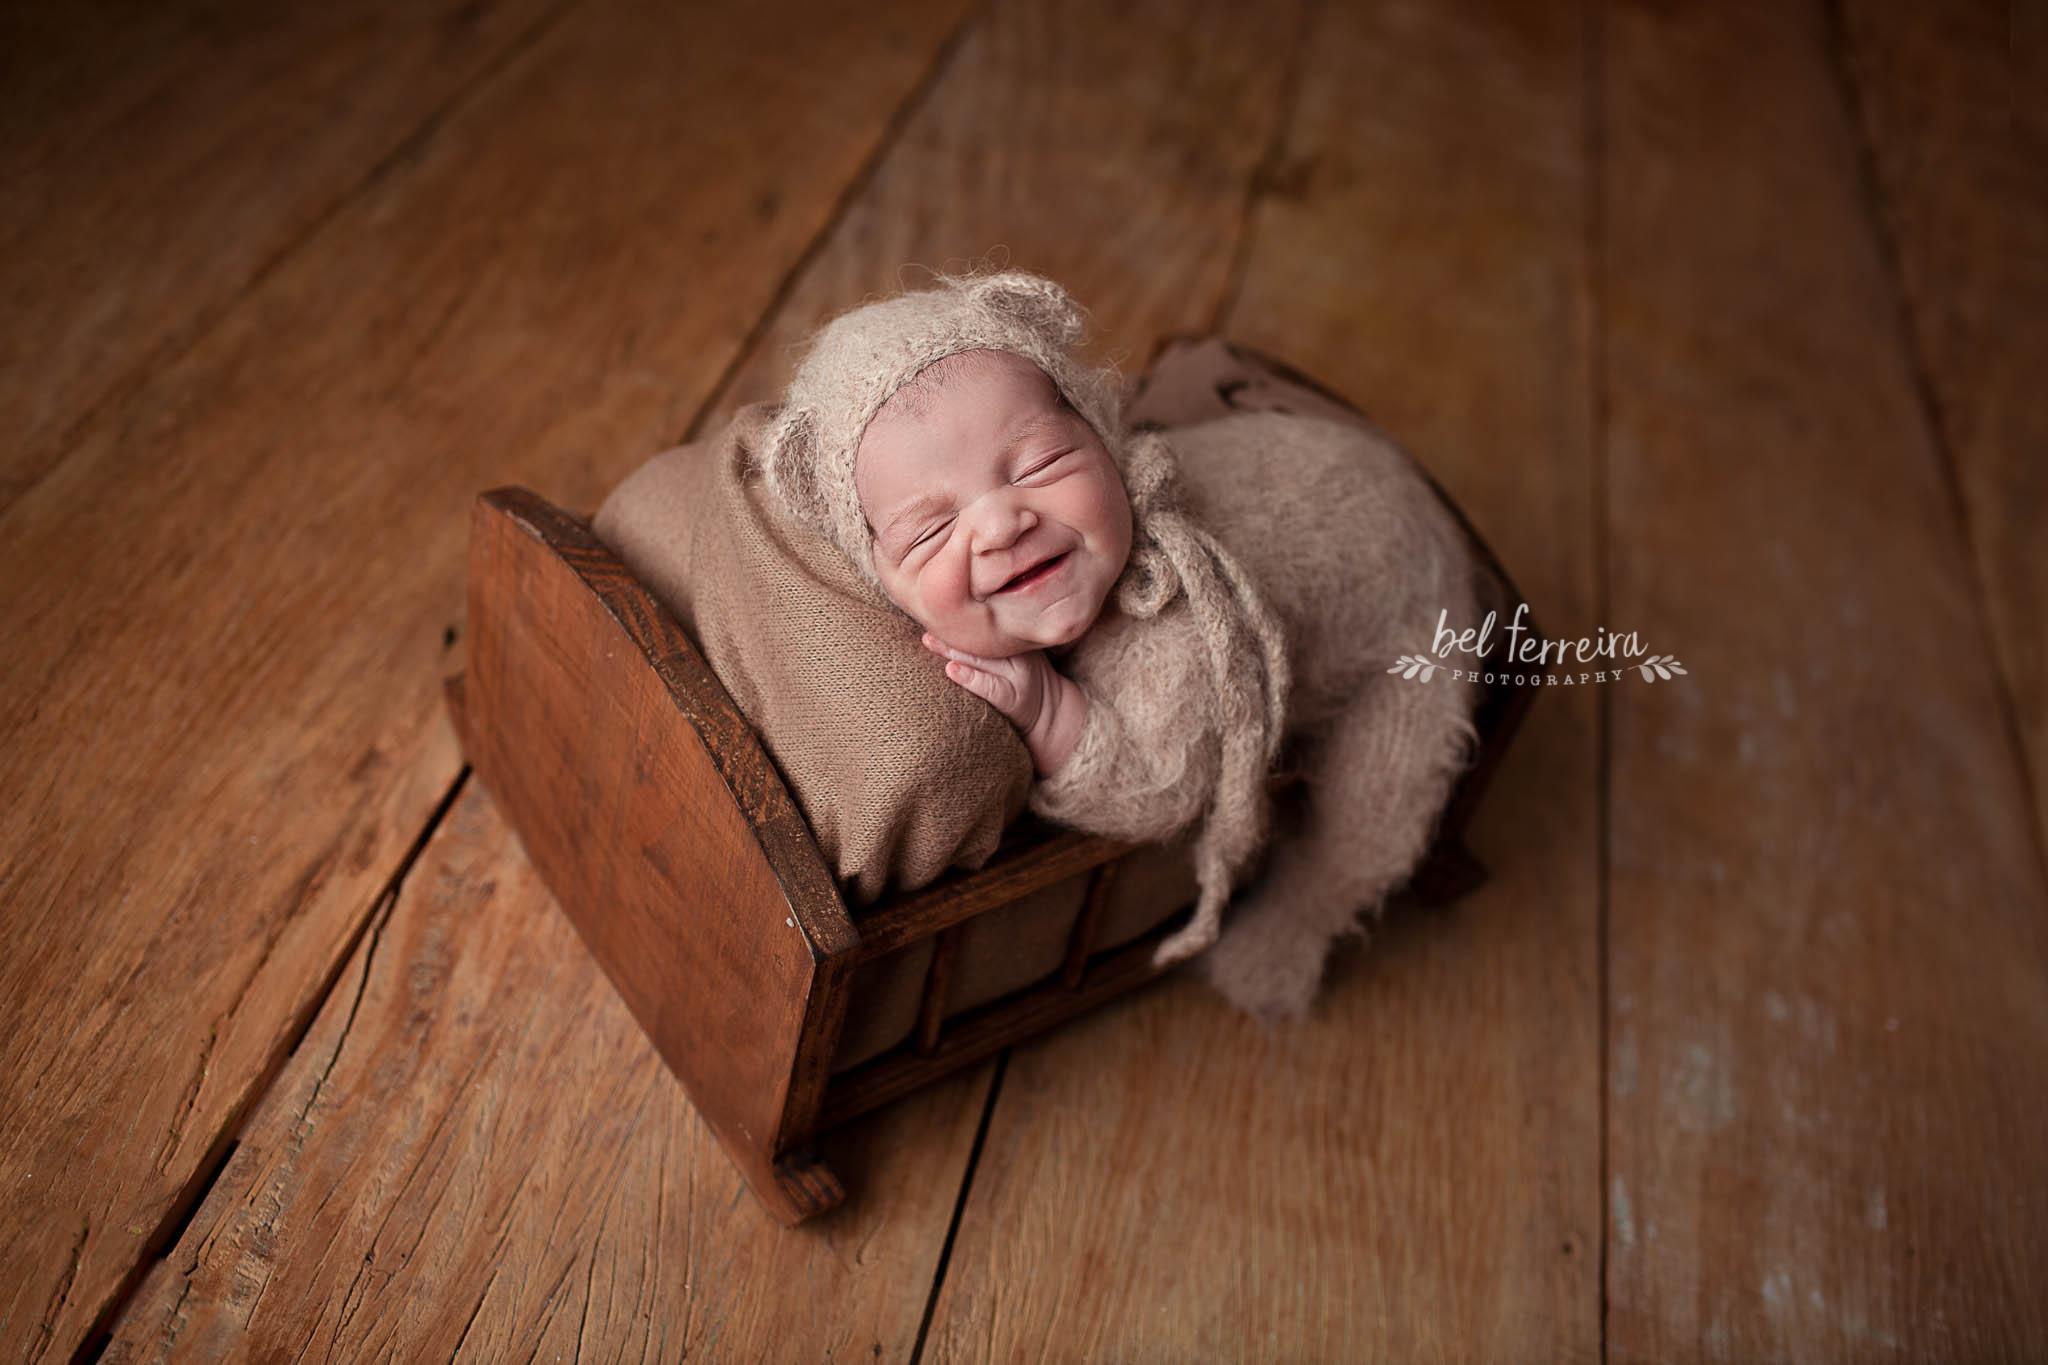 Contate Bel Ferreira - Referência em fotografia de newborn no Brasil - Curitiba PR